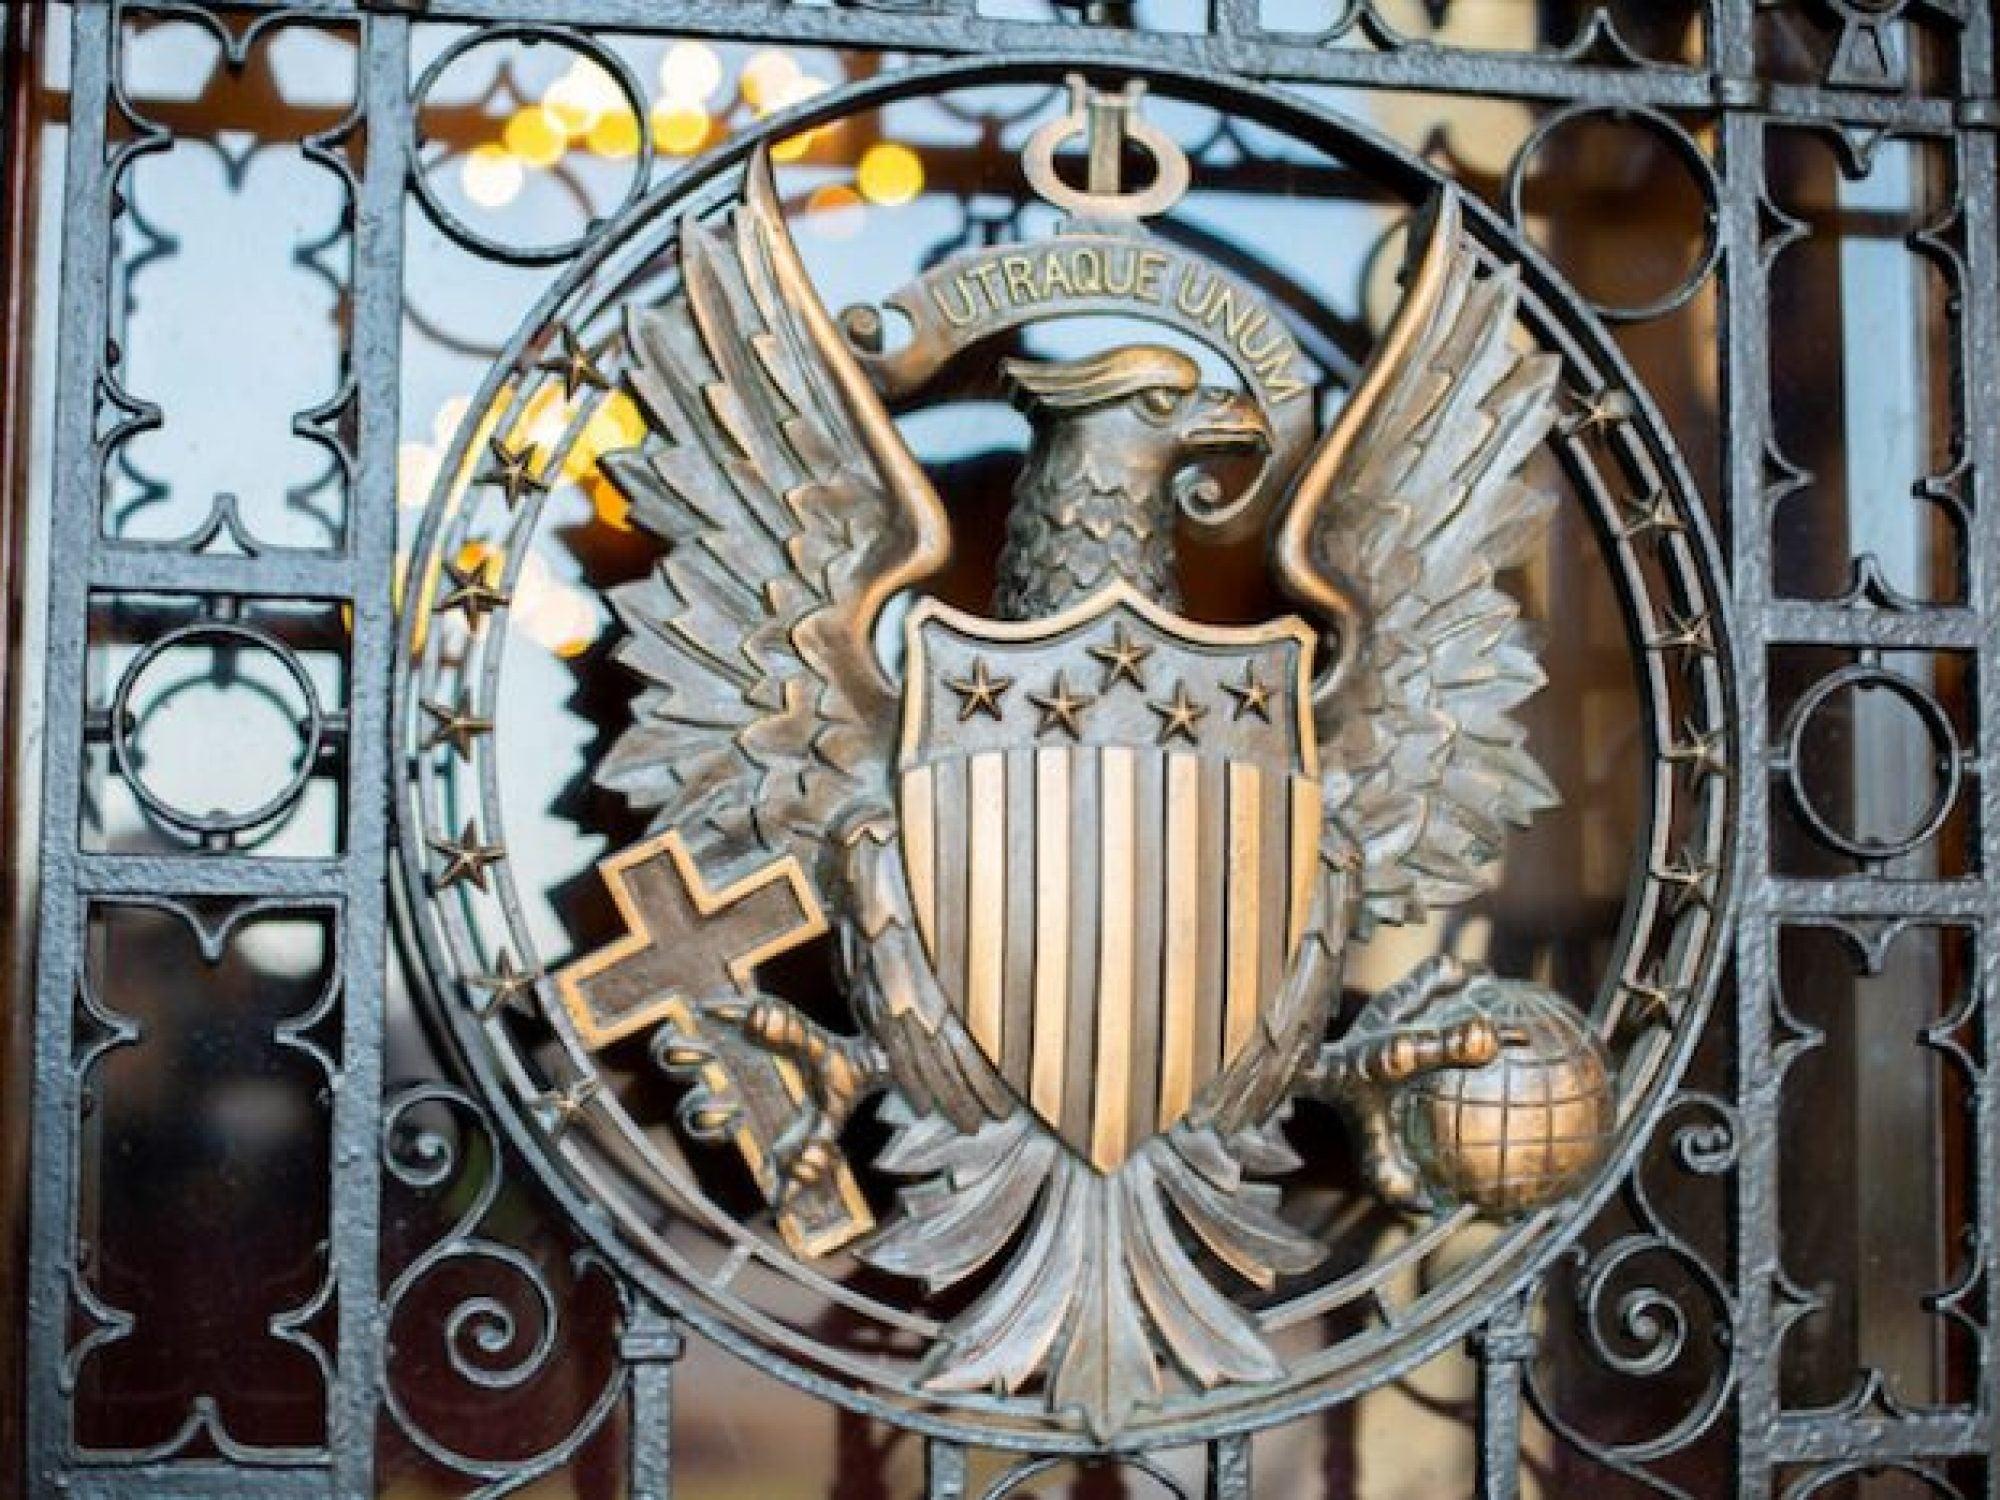 Georgetown's seal